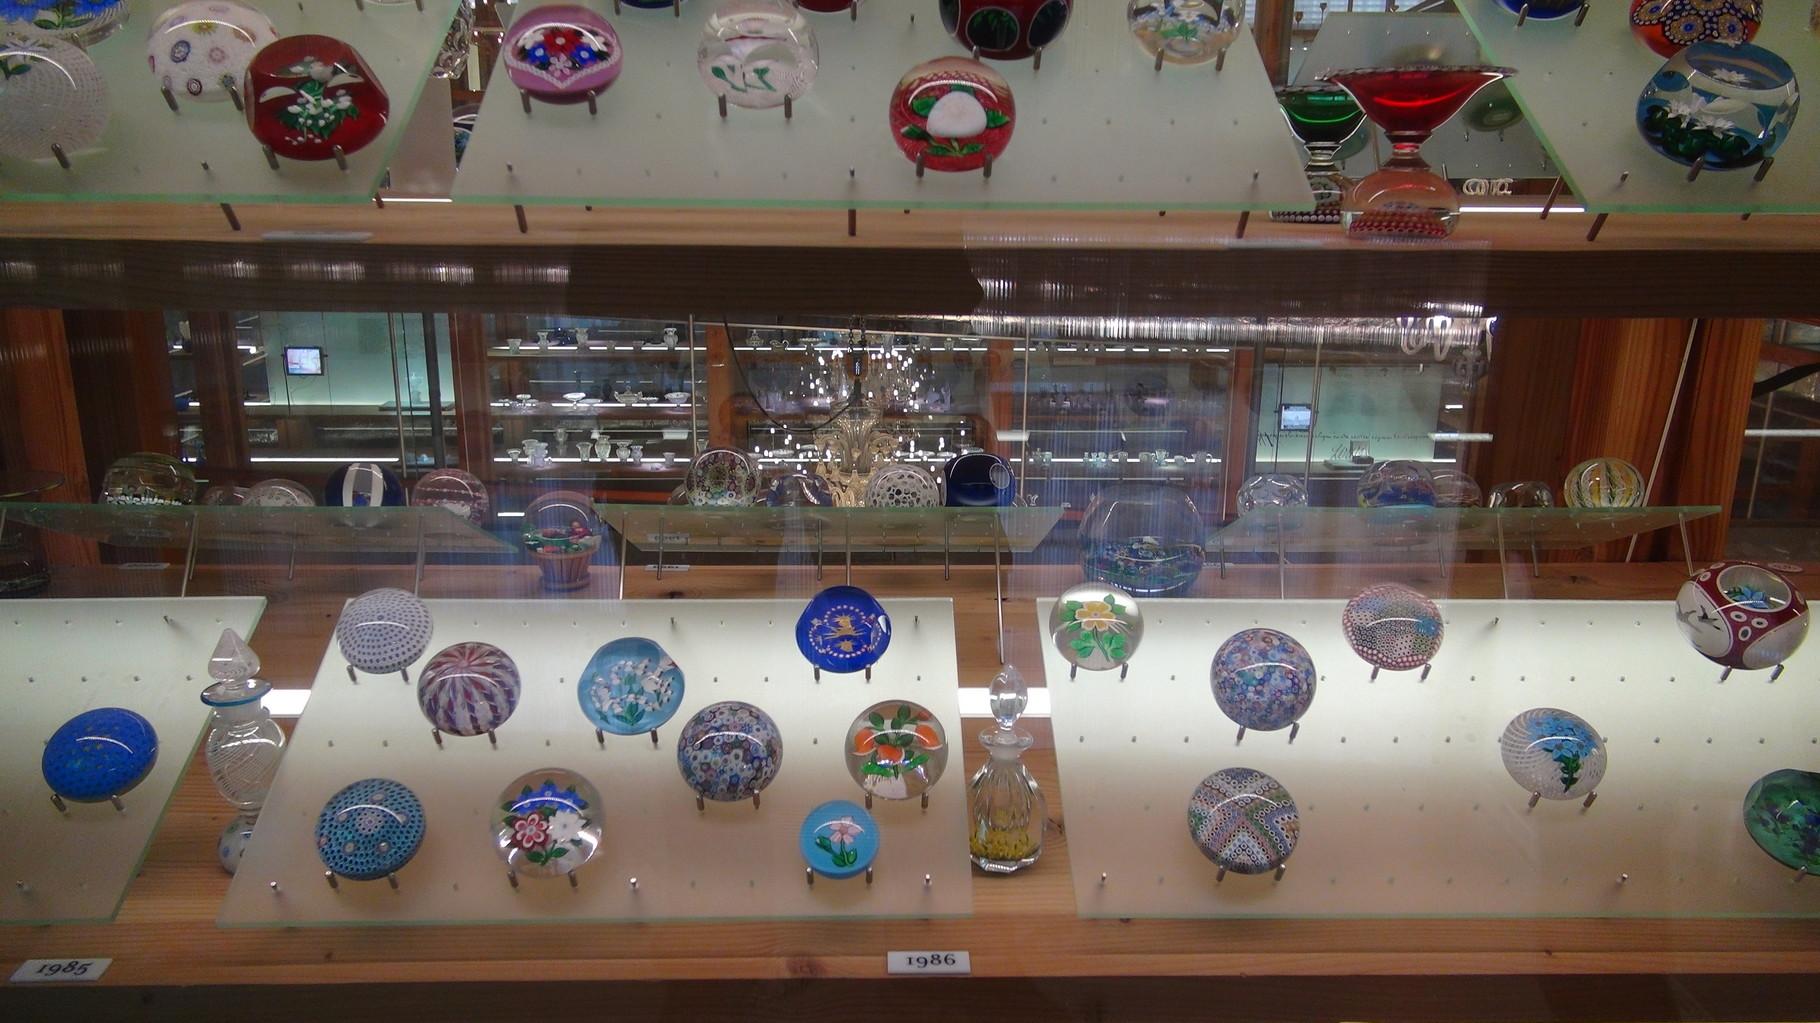 Articles en cristal exposés